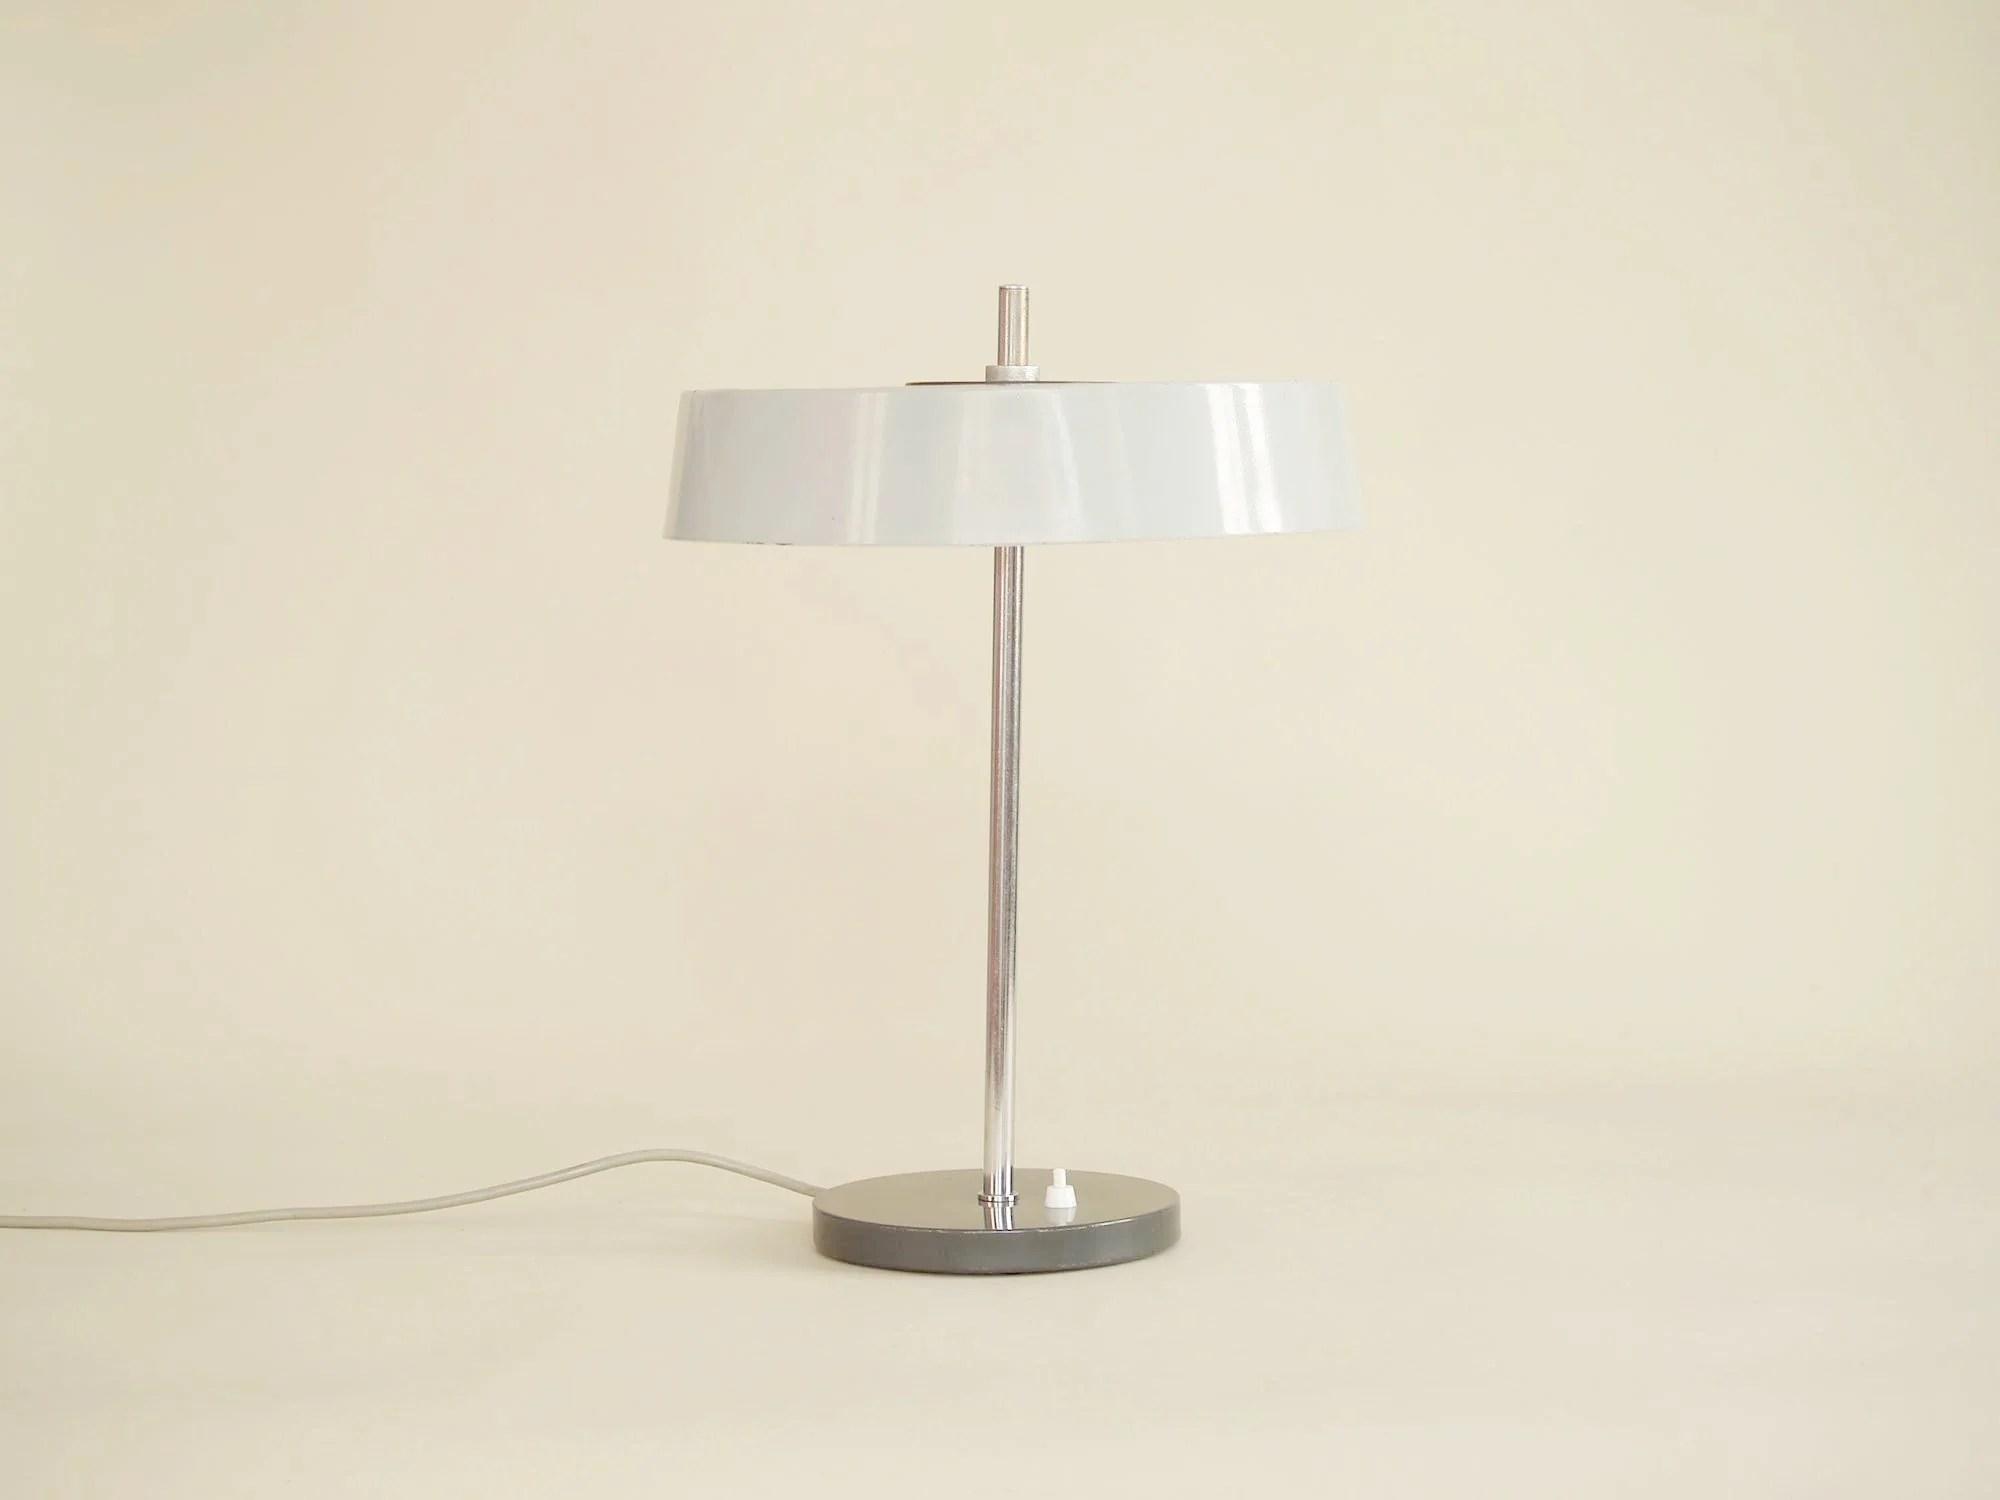 lampe de table moderniste attribuee a louis kalff pour philips pays b galerie stimmung